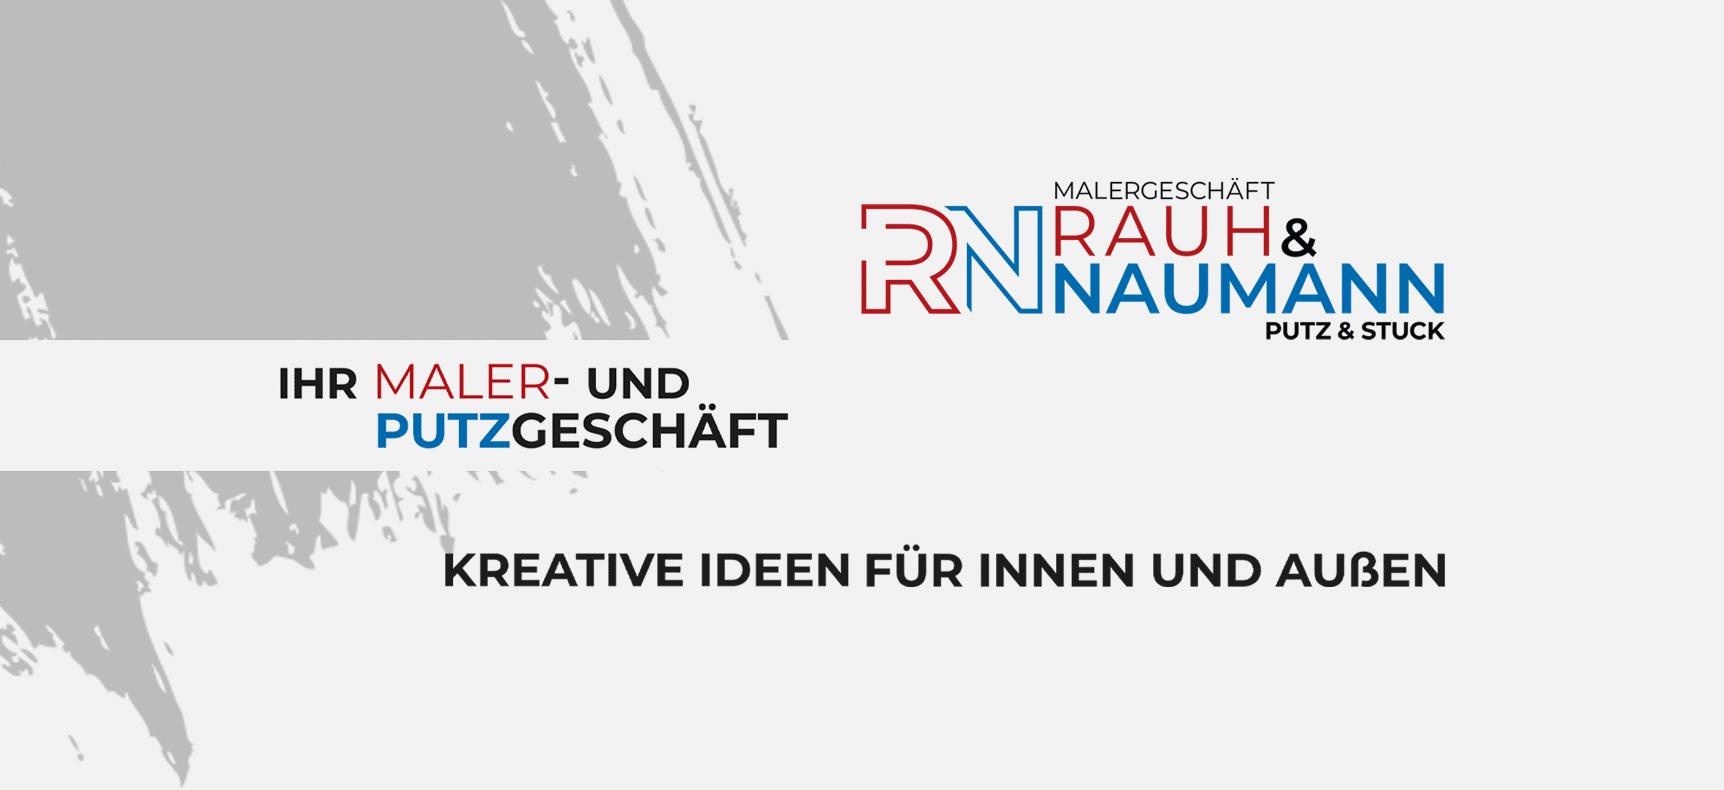 Malergeschäft Rauh-Naumann | Corporate Design gestaltet von StatusZwo.com